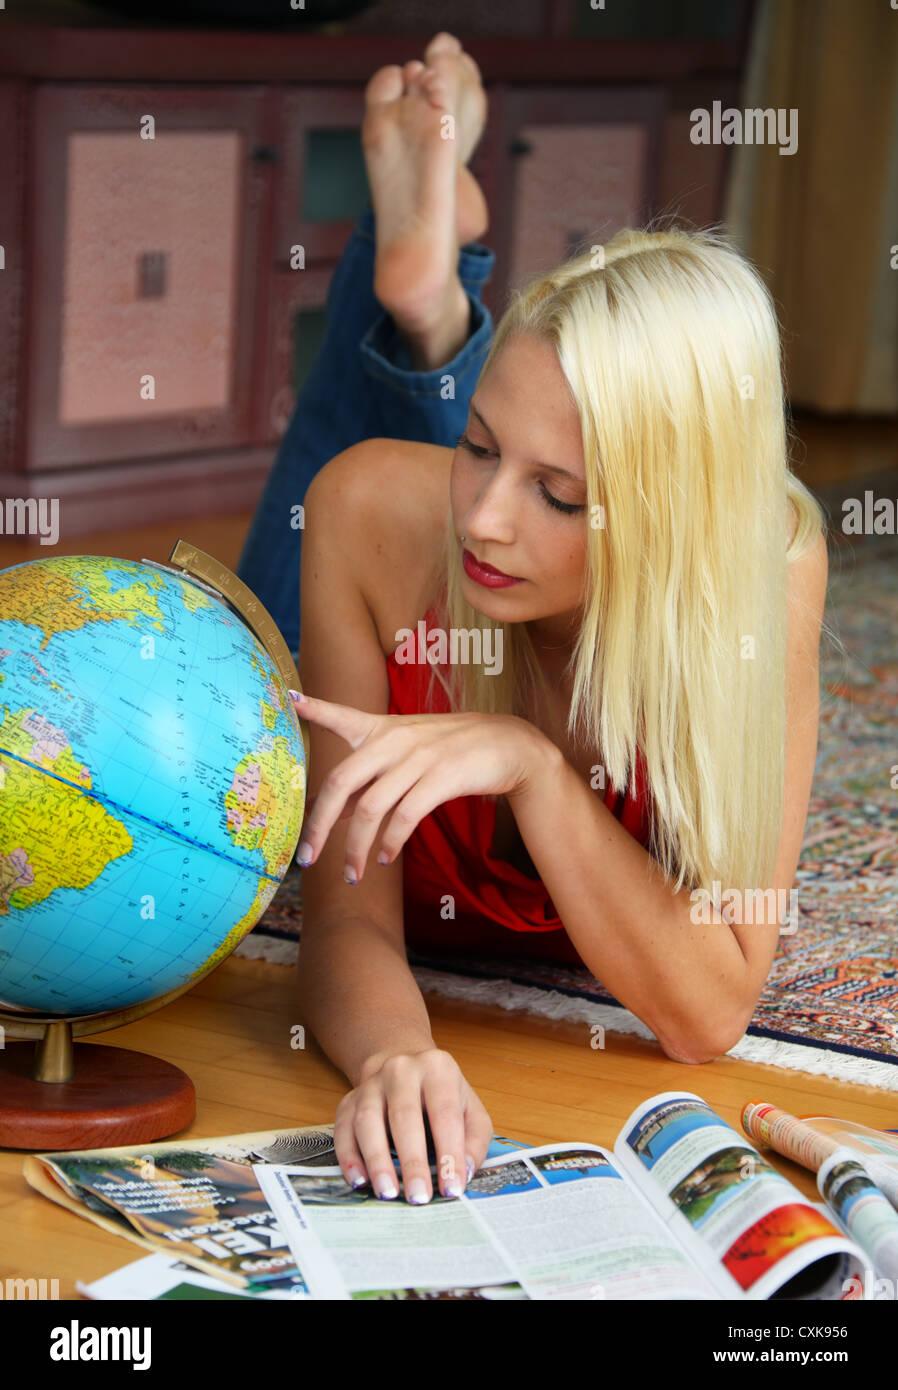 travel plan - Stock Image